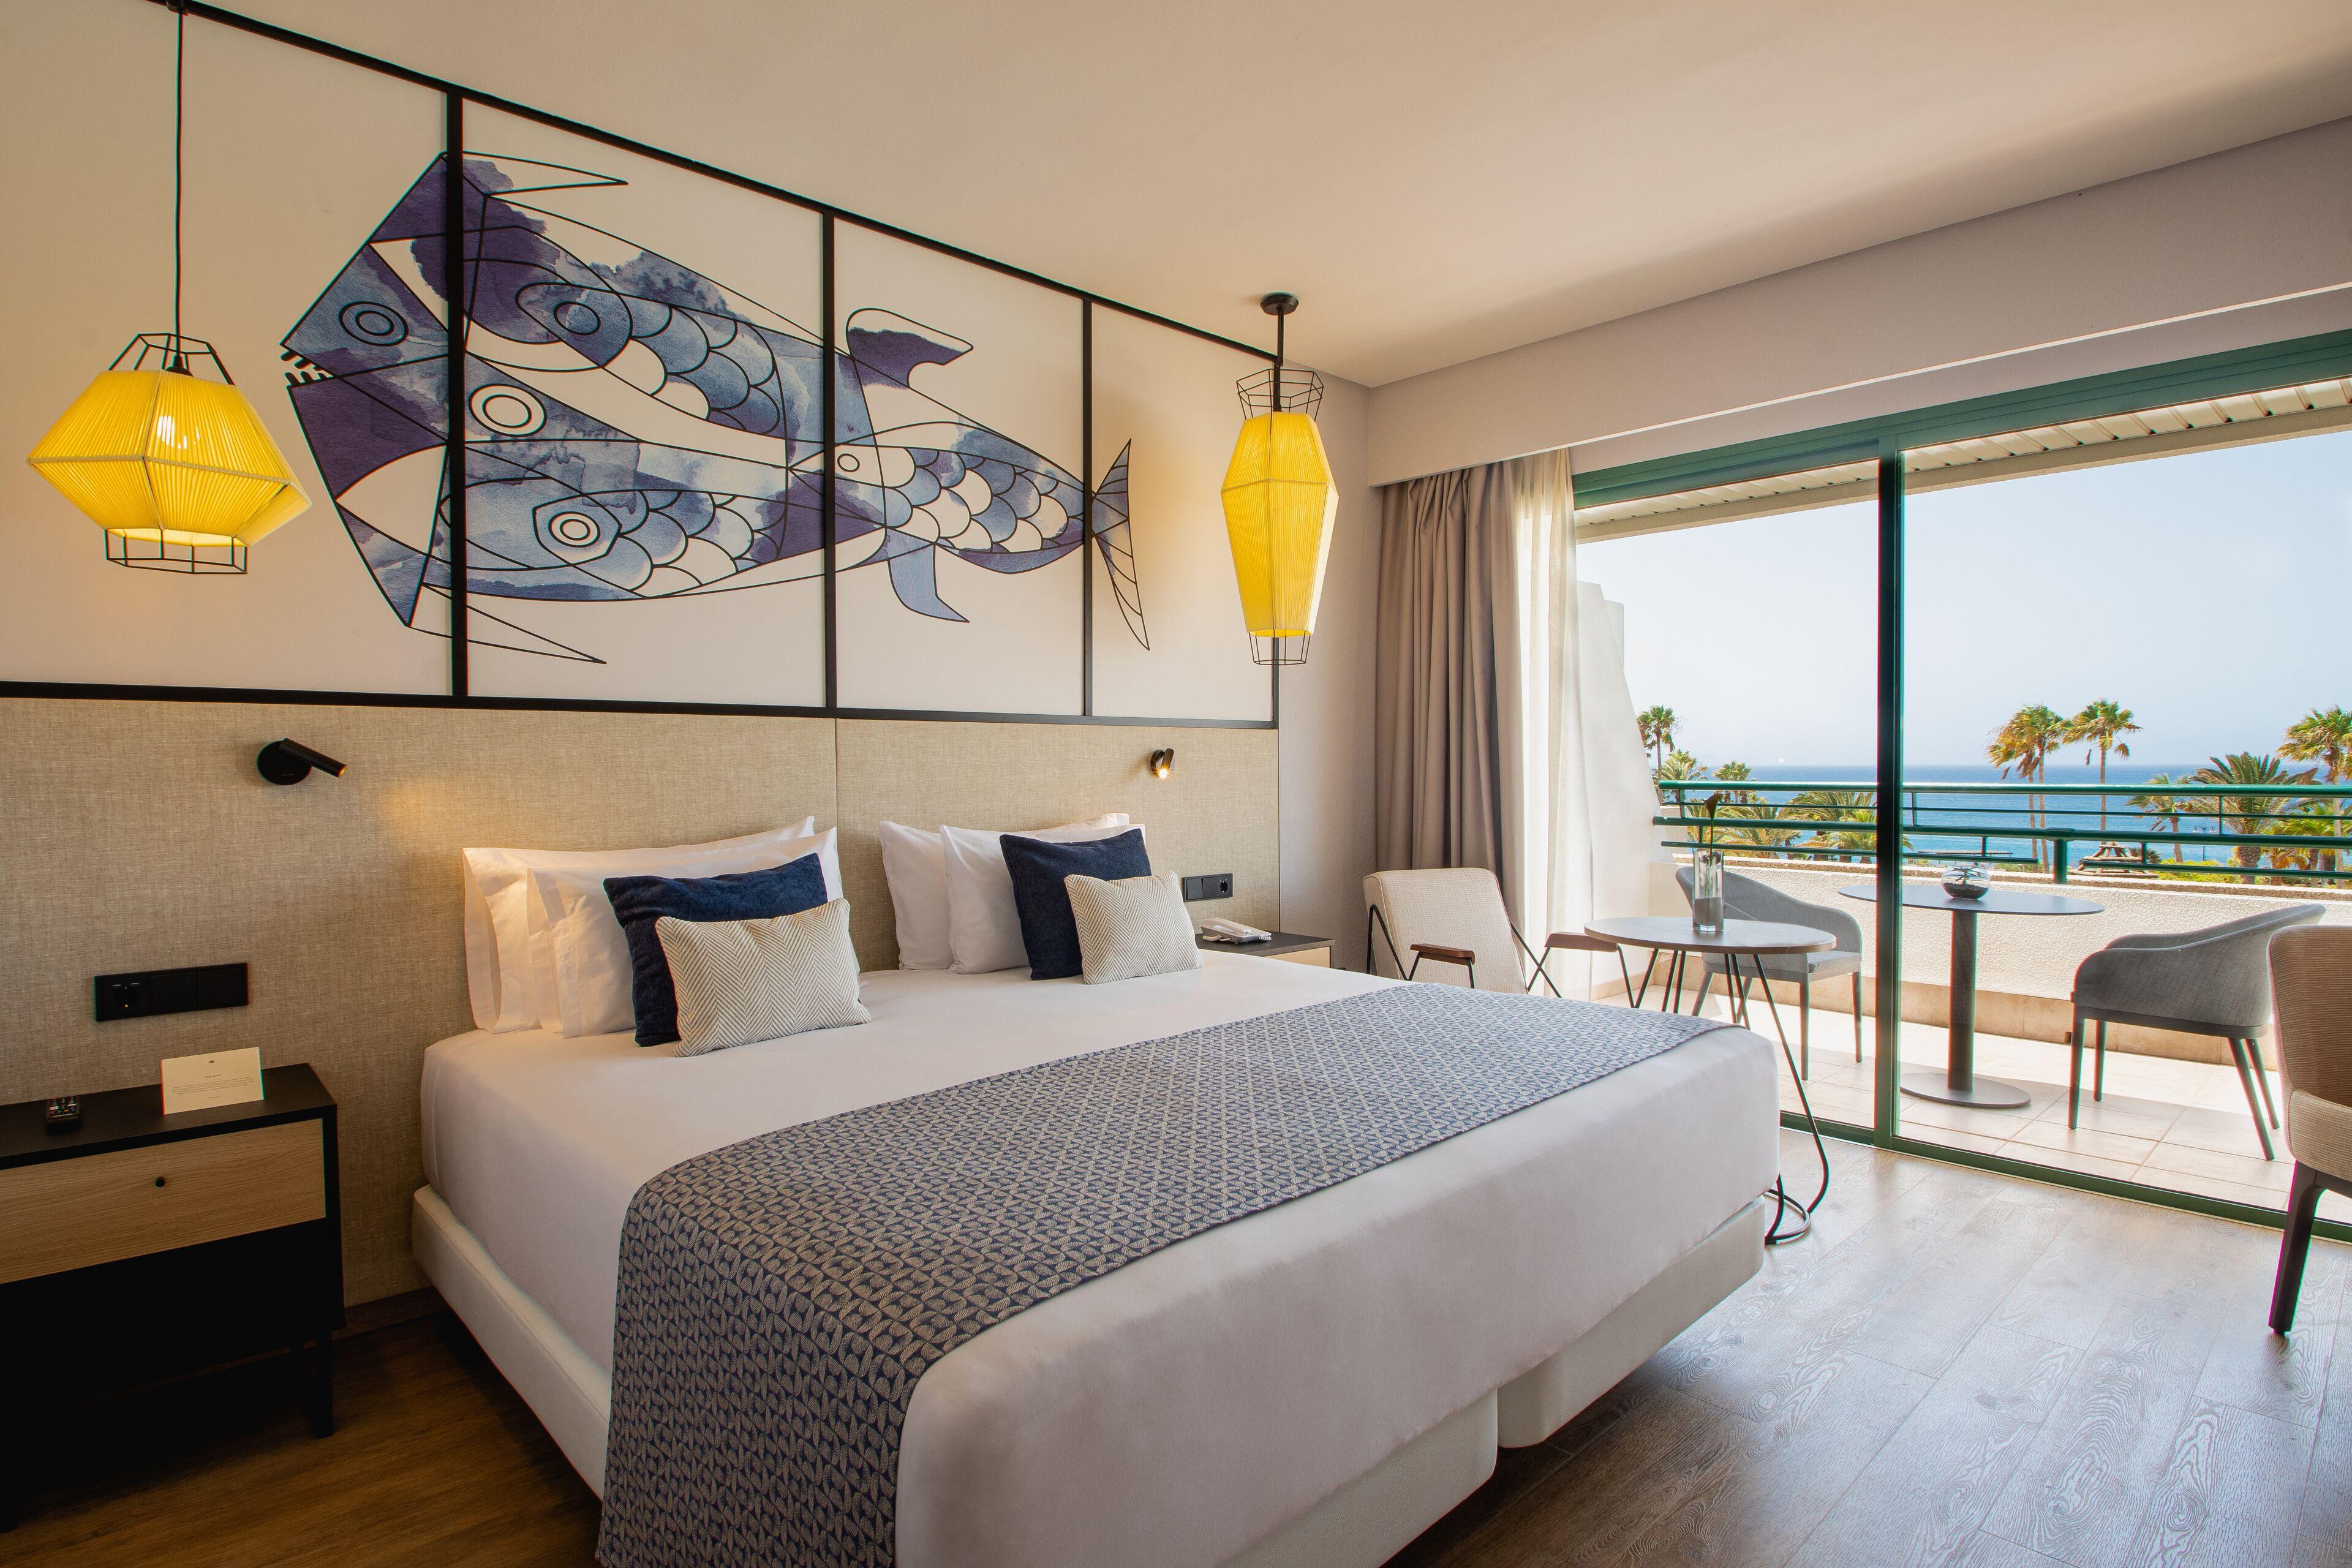 Courtesy of Dreams Lanzarote Playa Dorada Resort & Spa / Expedia